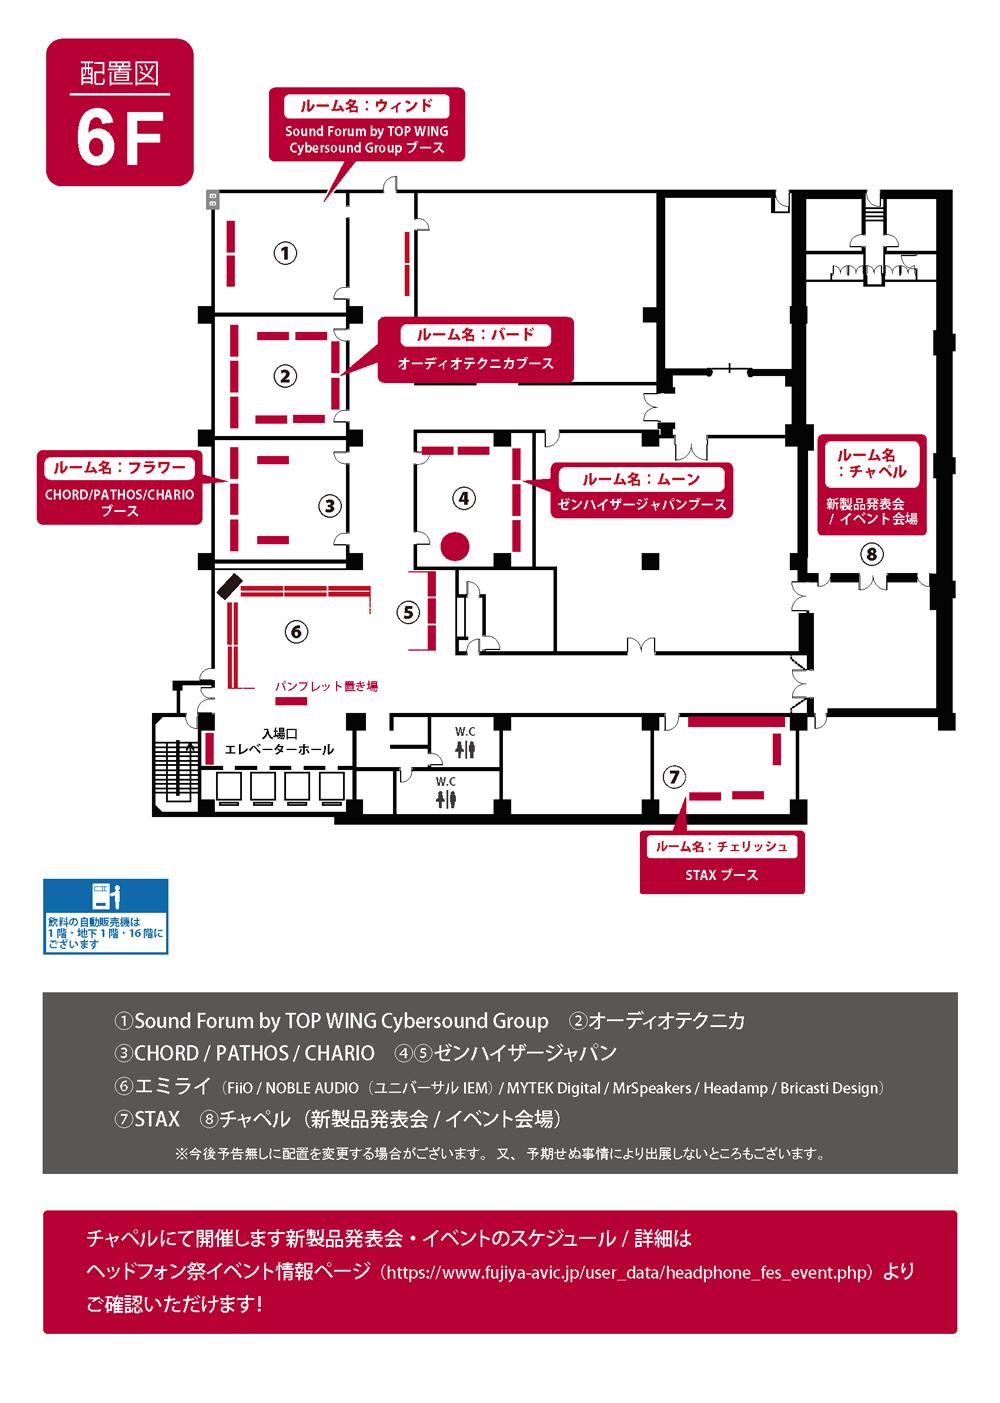 春のヘッドフォン祭 2019(TOKYO HEADPHONE FESTIVAL 2019 SPRING):6F